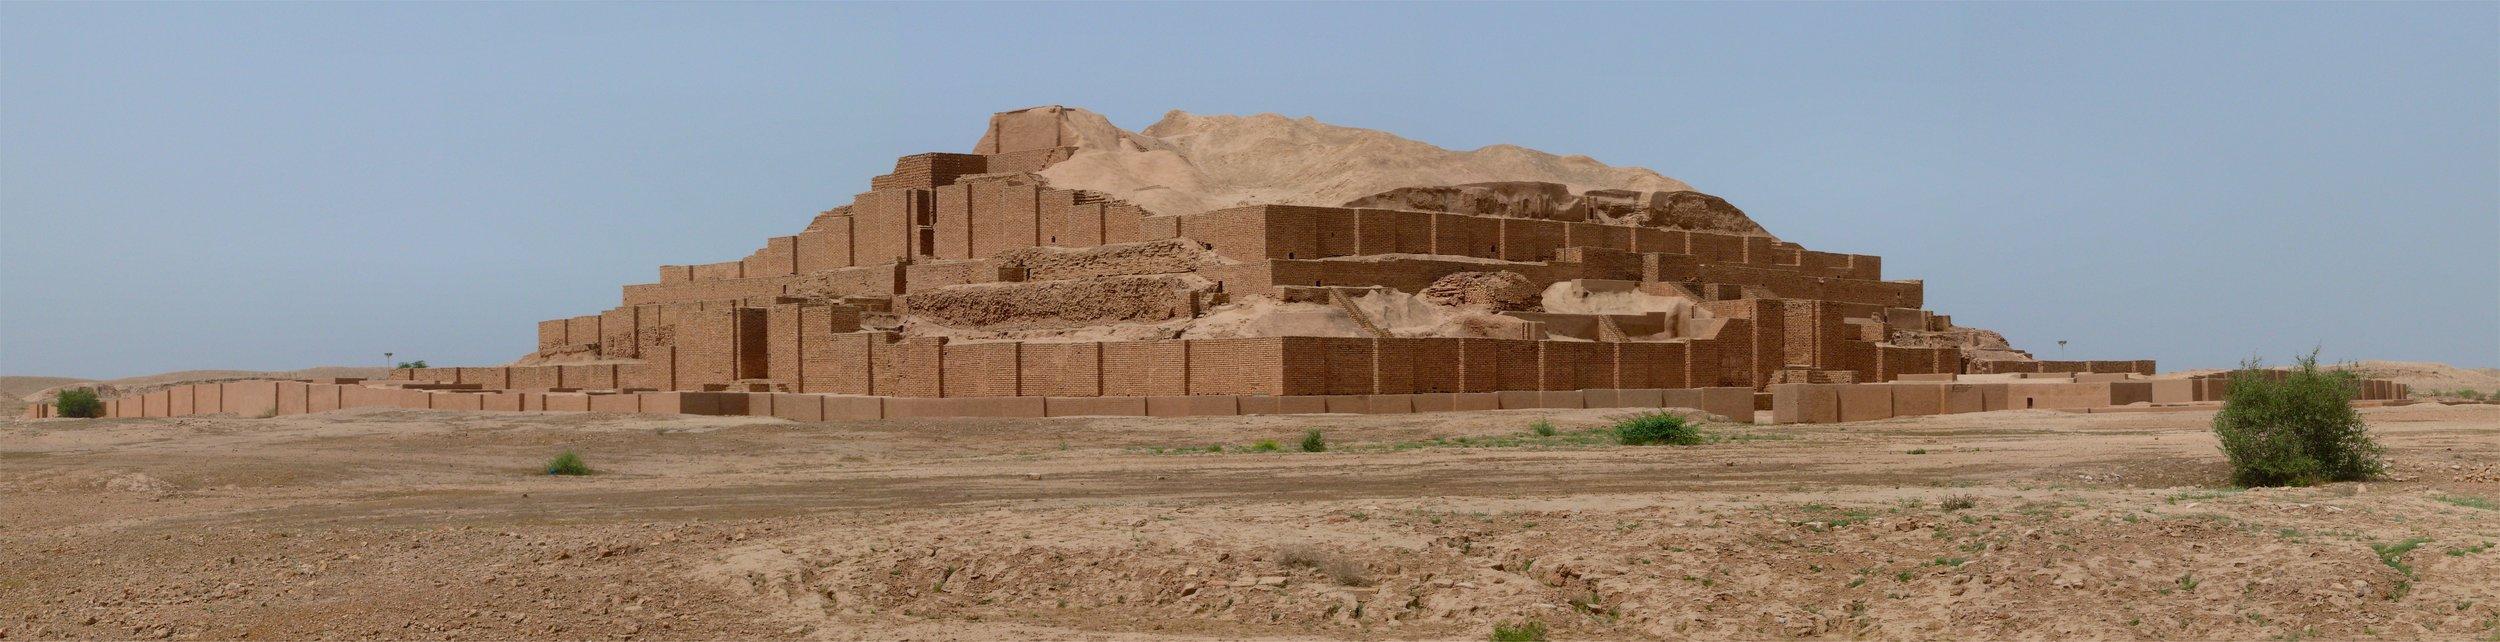 Ruins of Etemenanki